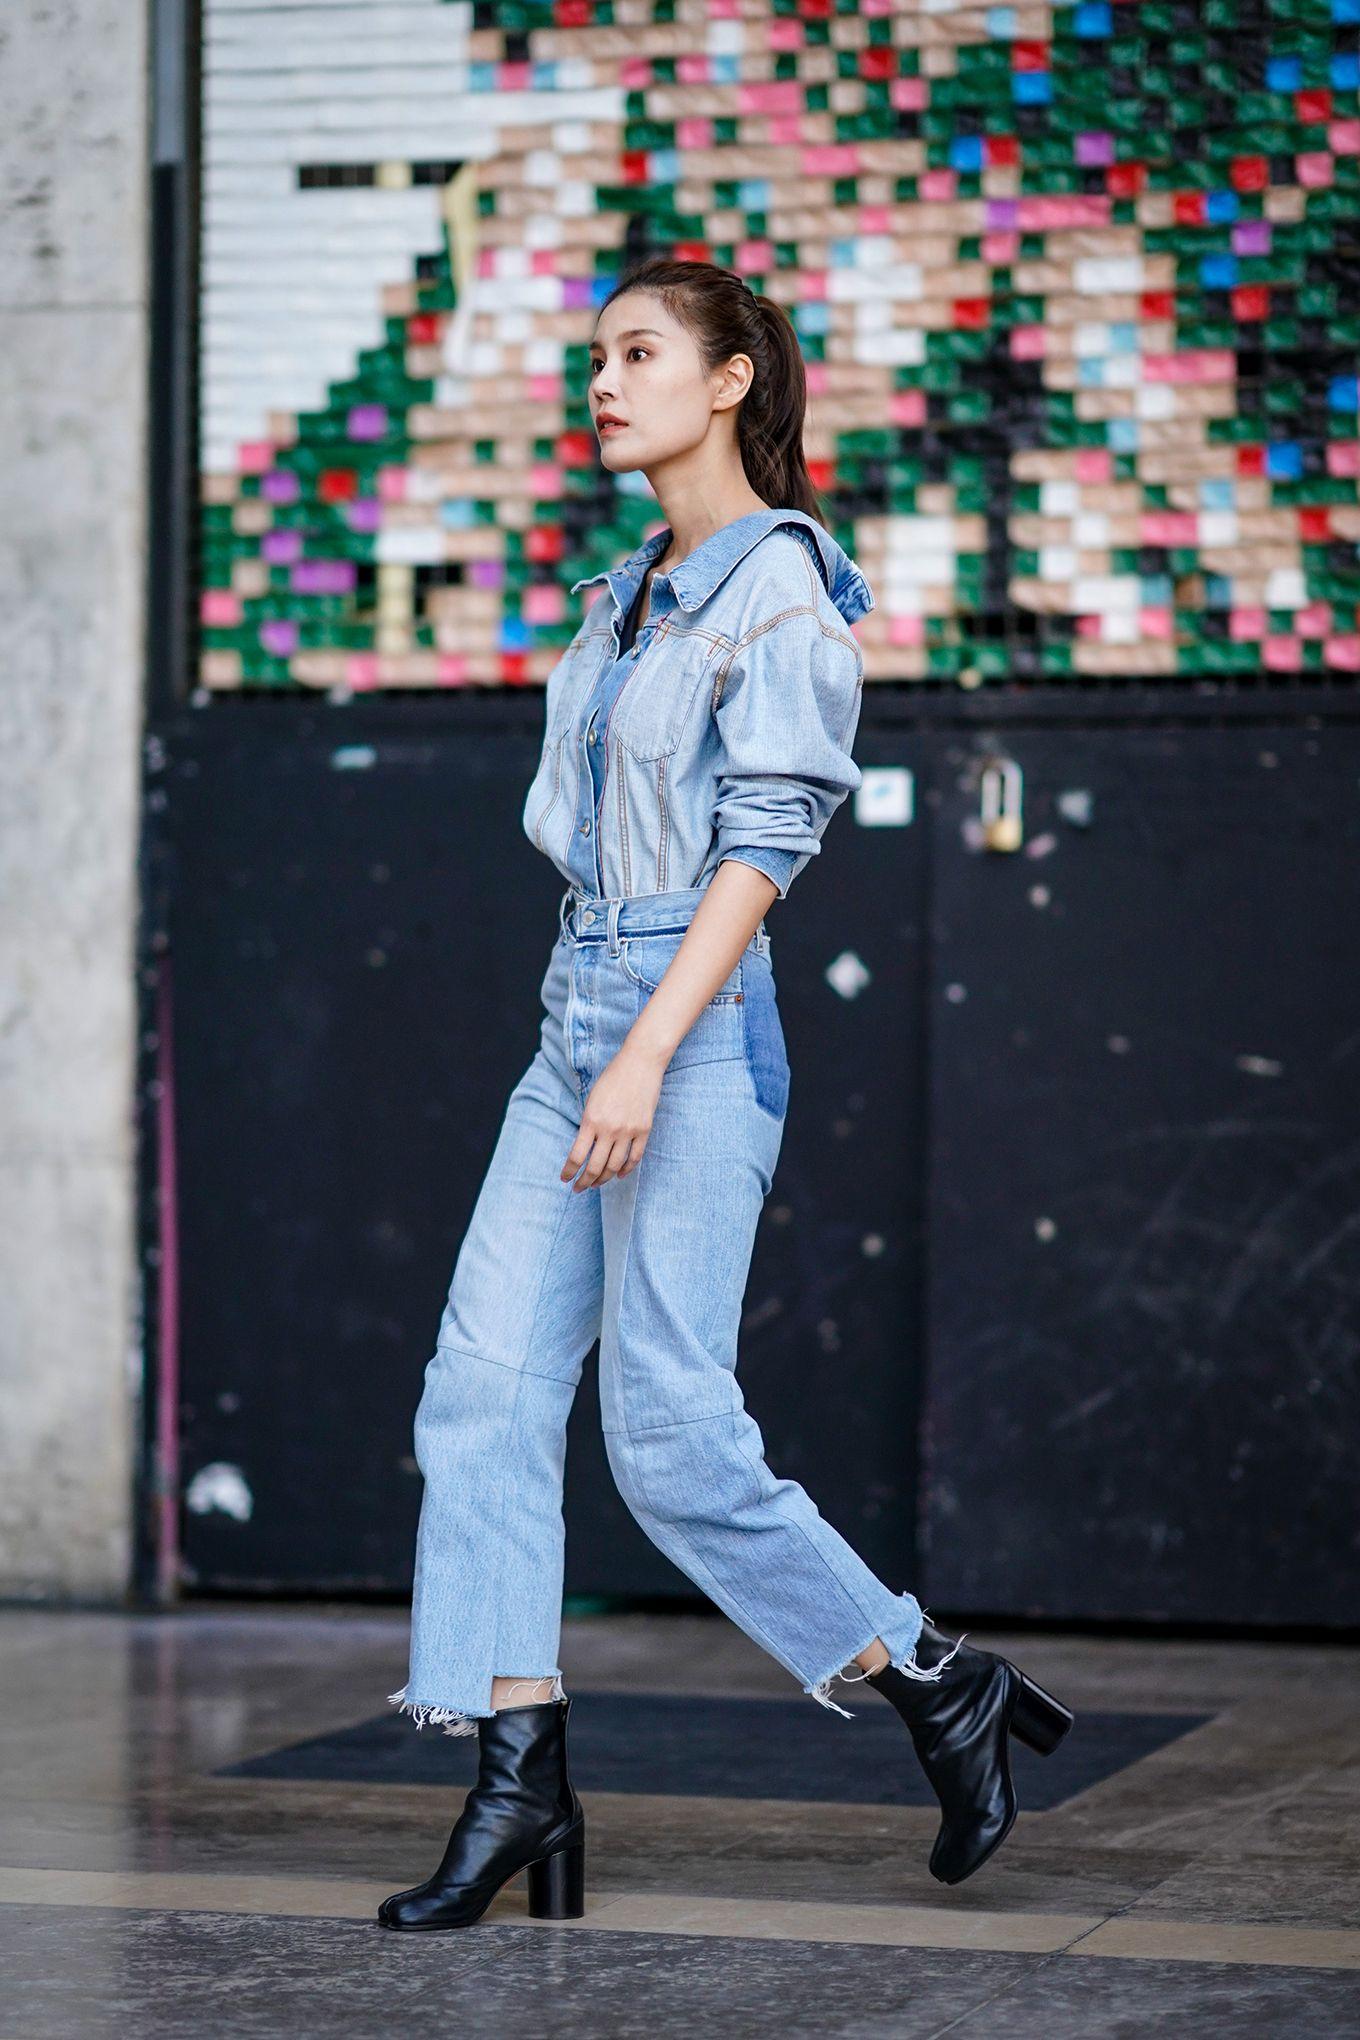 Camicia di jeans come indossarla? 20 outfit moda estate 2018